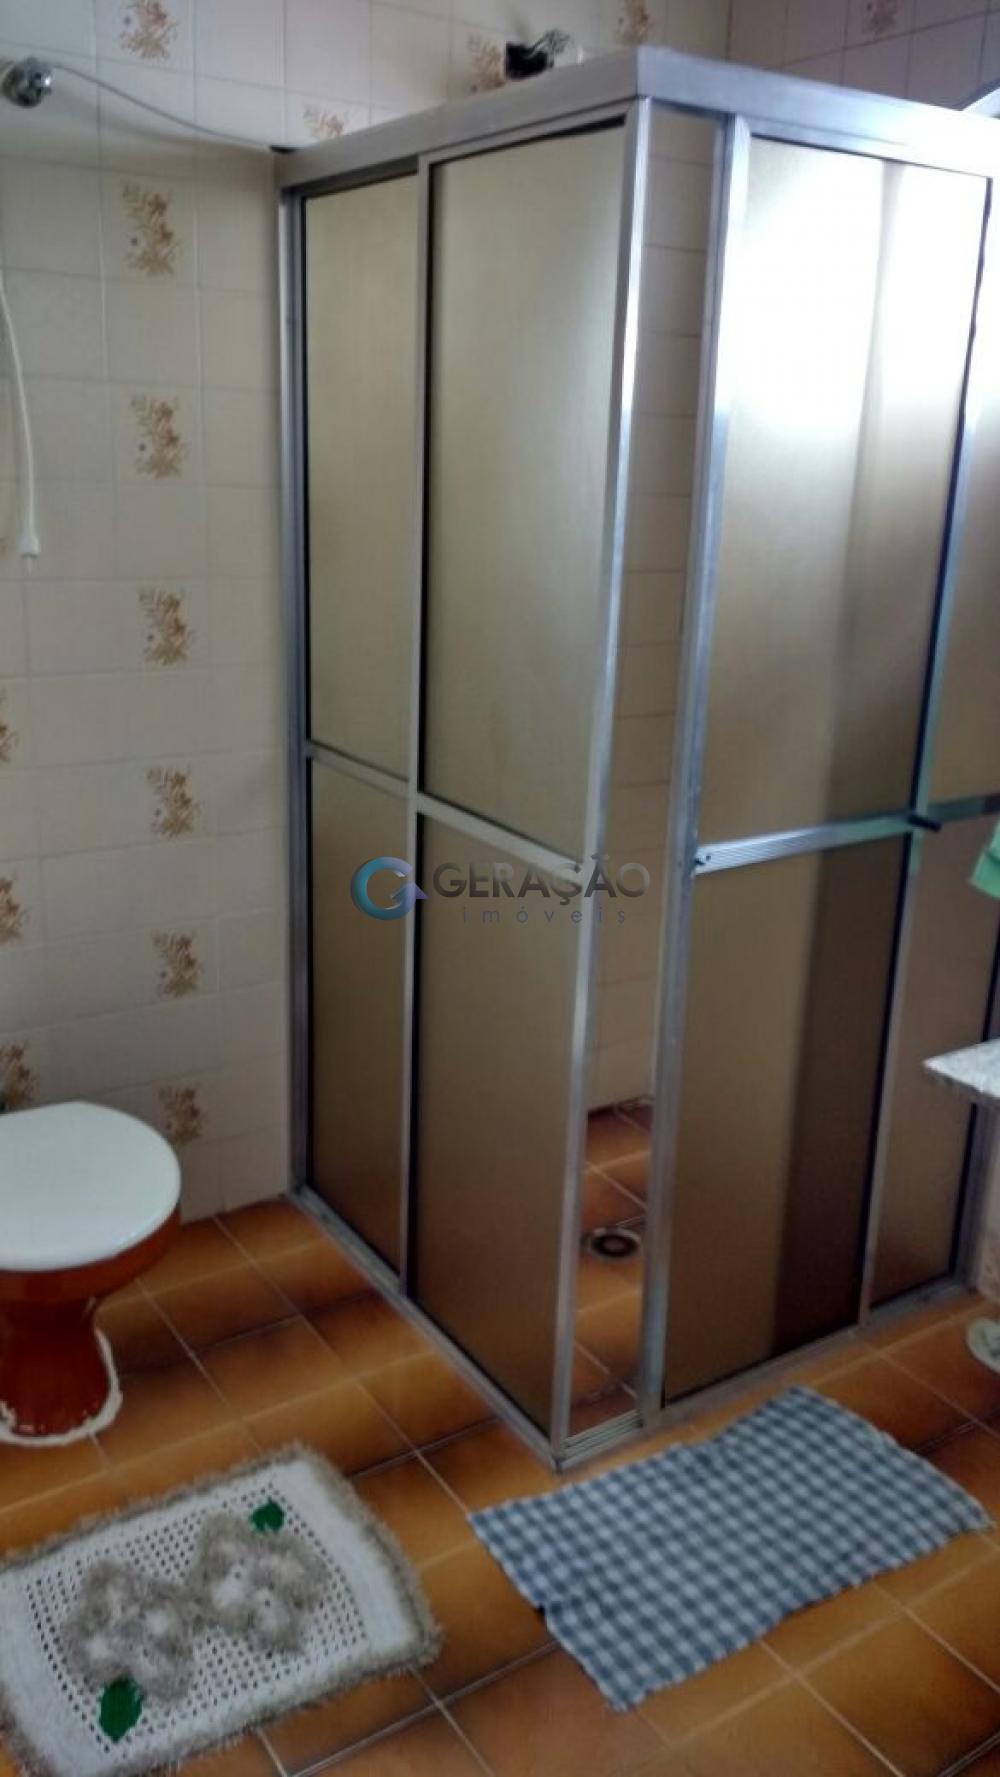 Comprar Casa / Padrão em São José dos Campos apenas R$ 550.000,00 - Foto 5